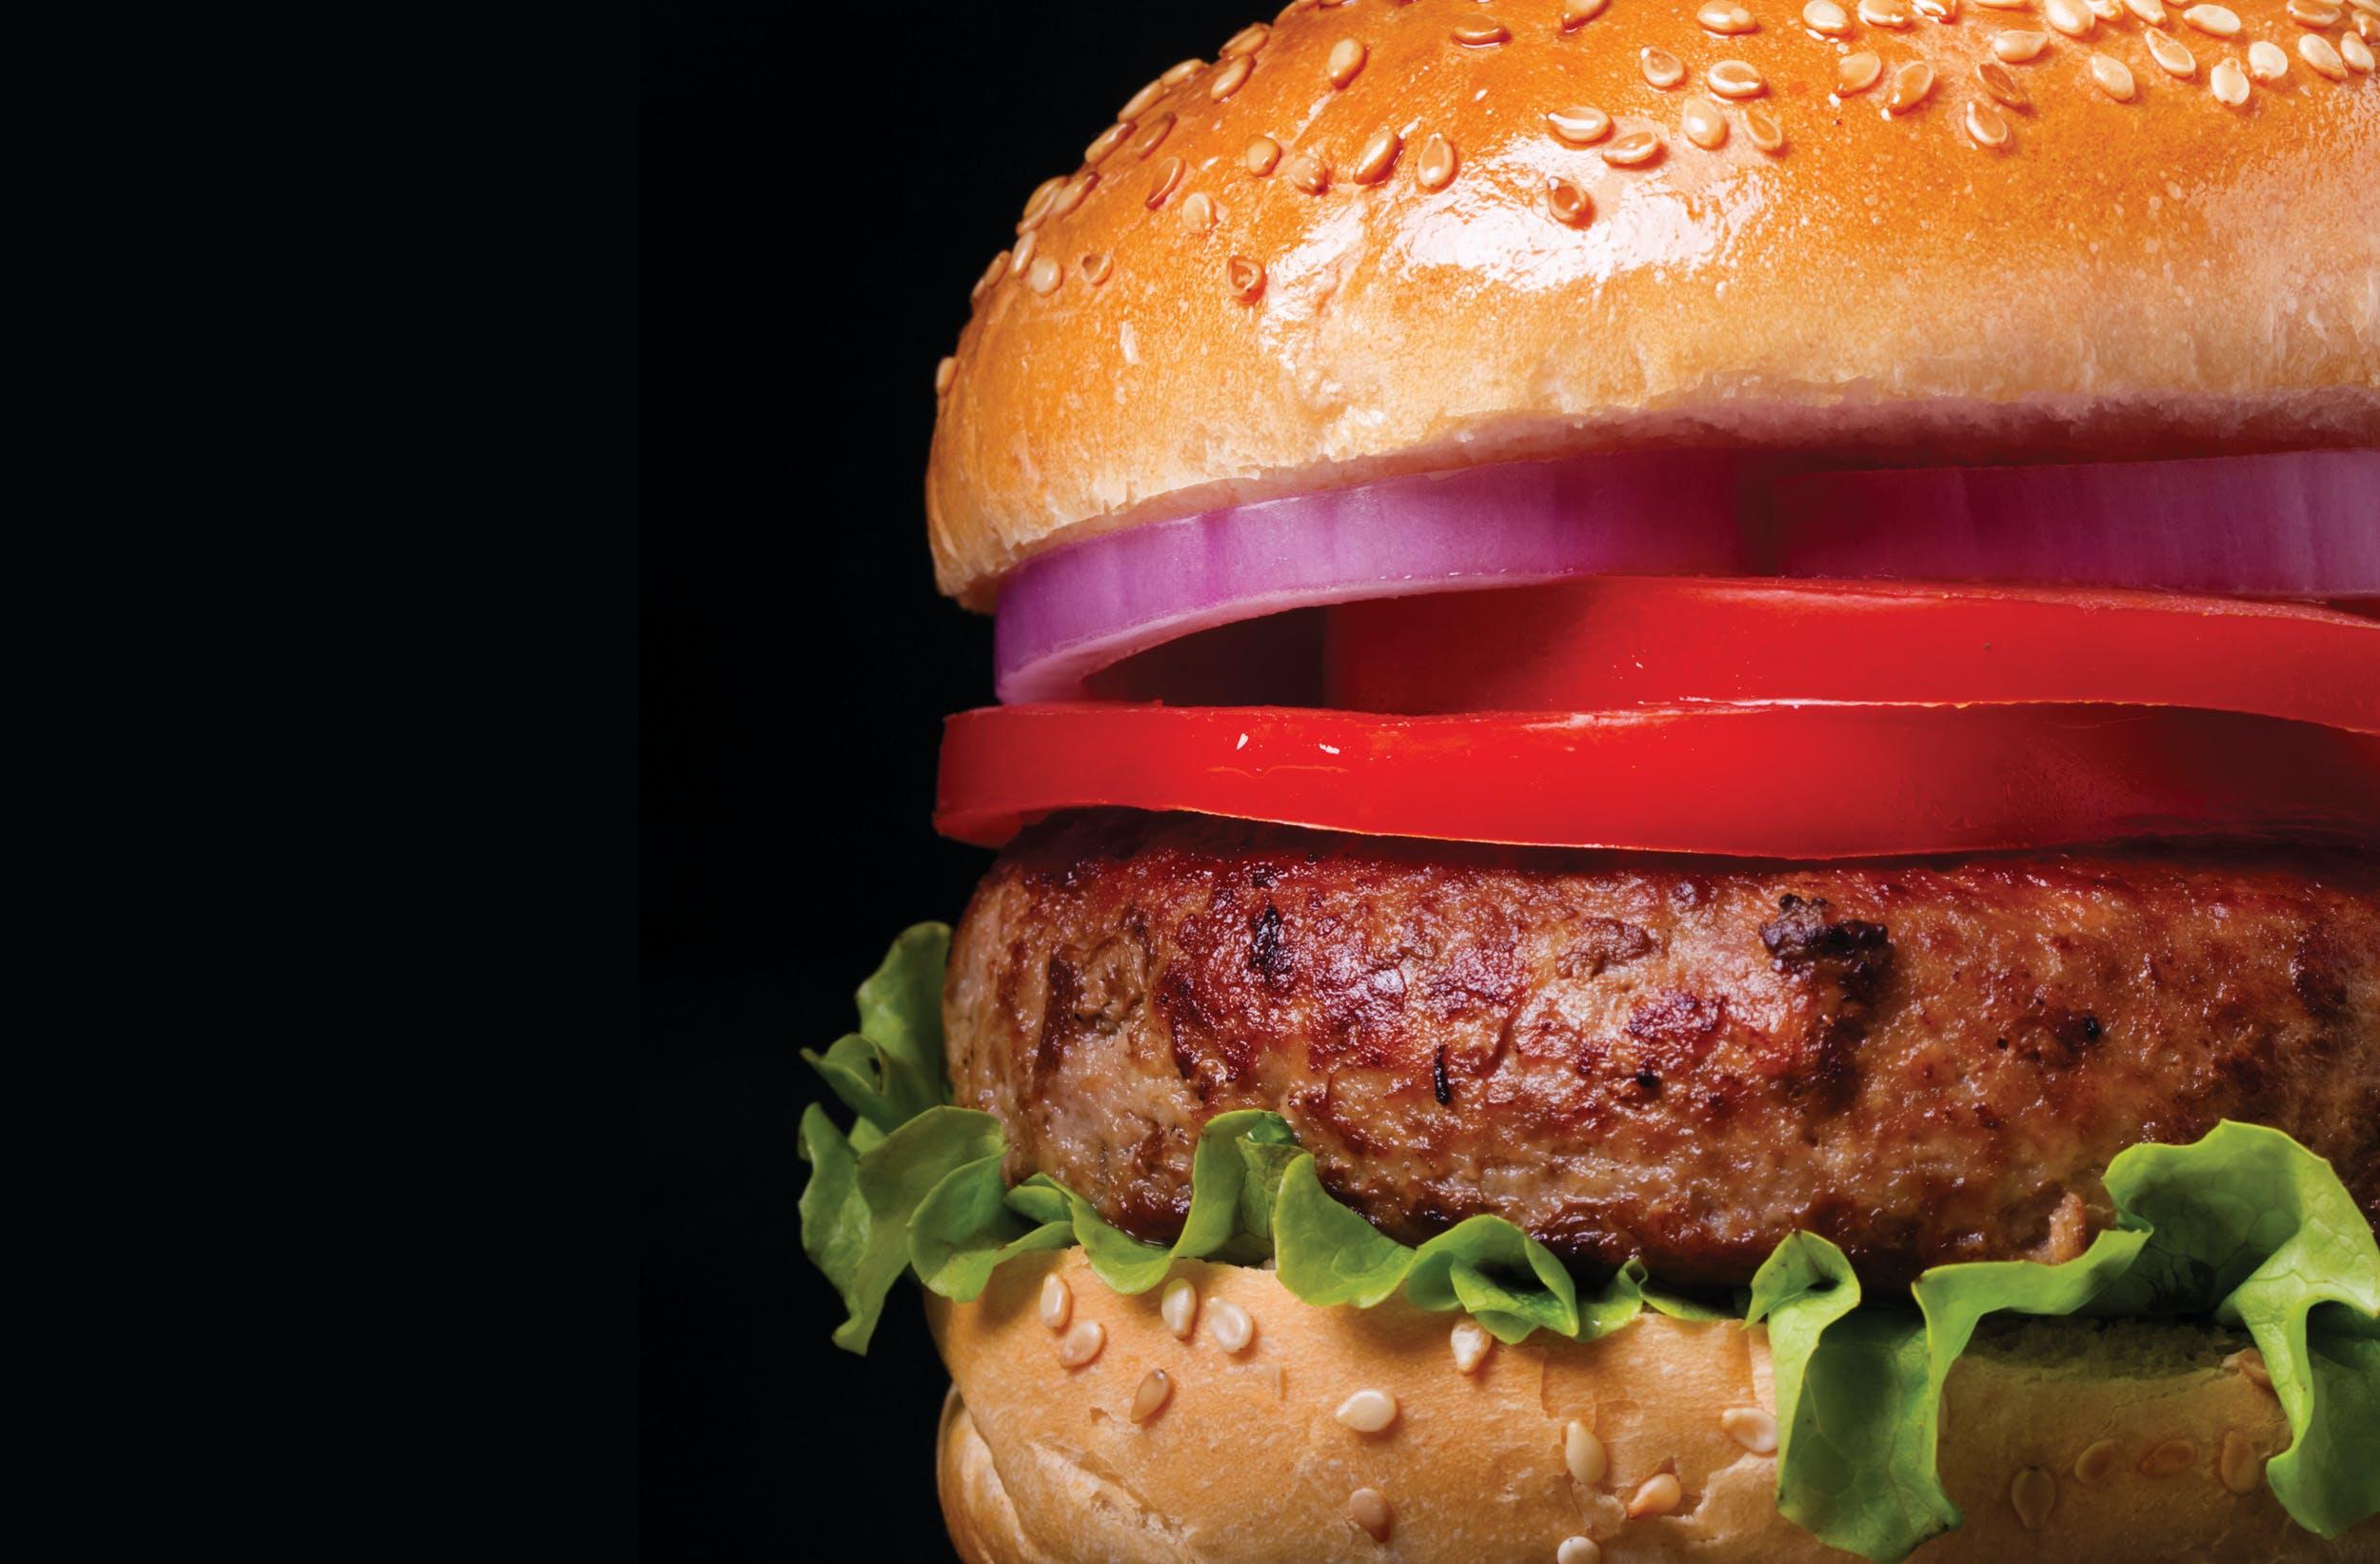 burger-fullwidth